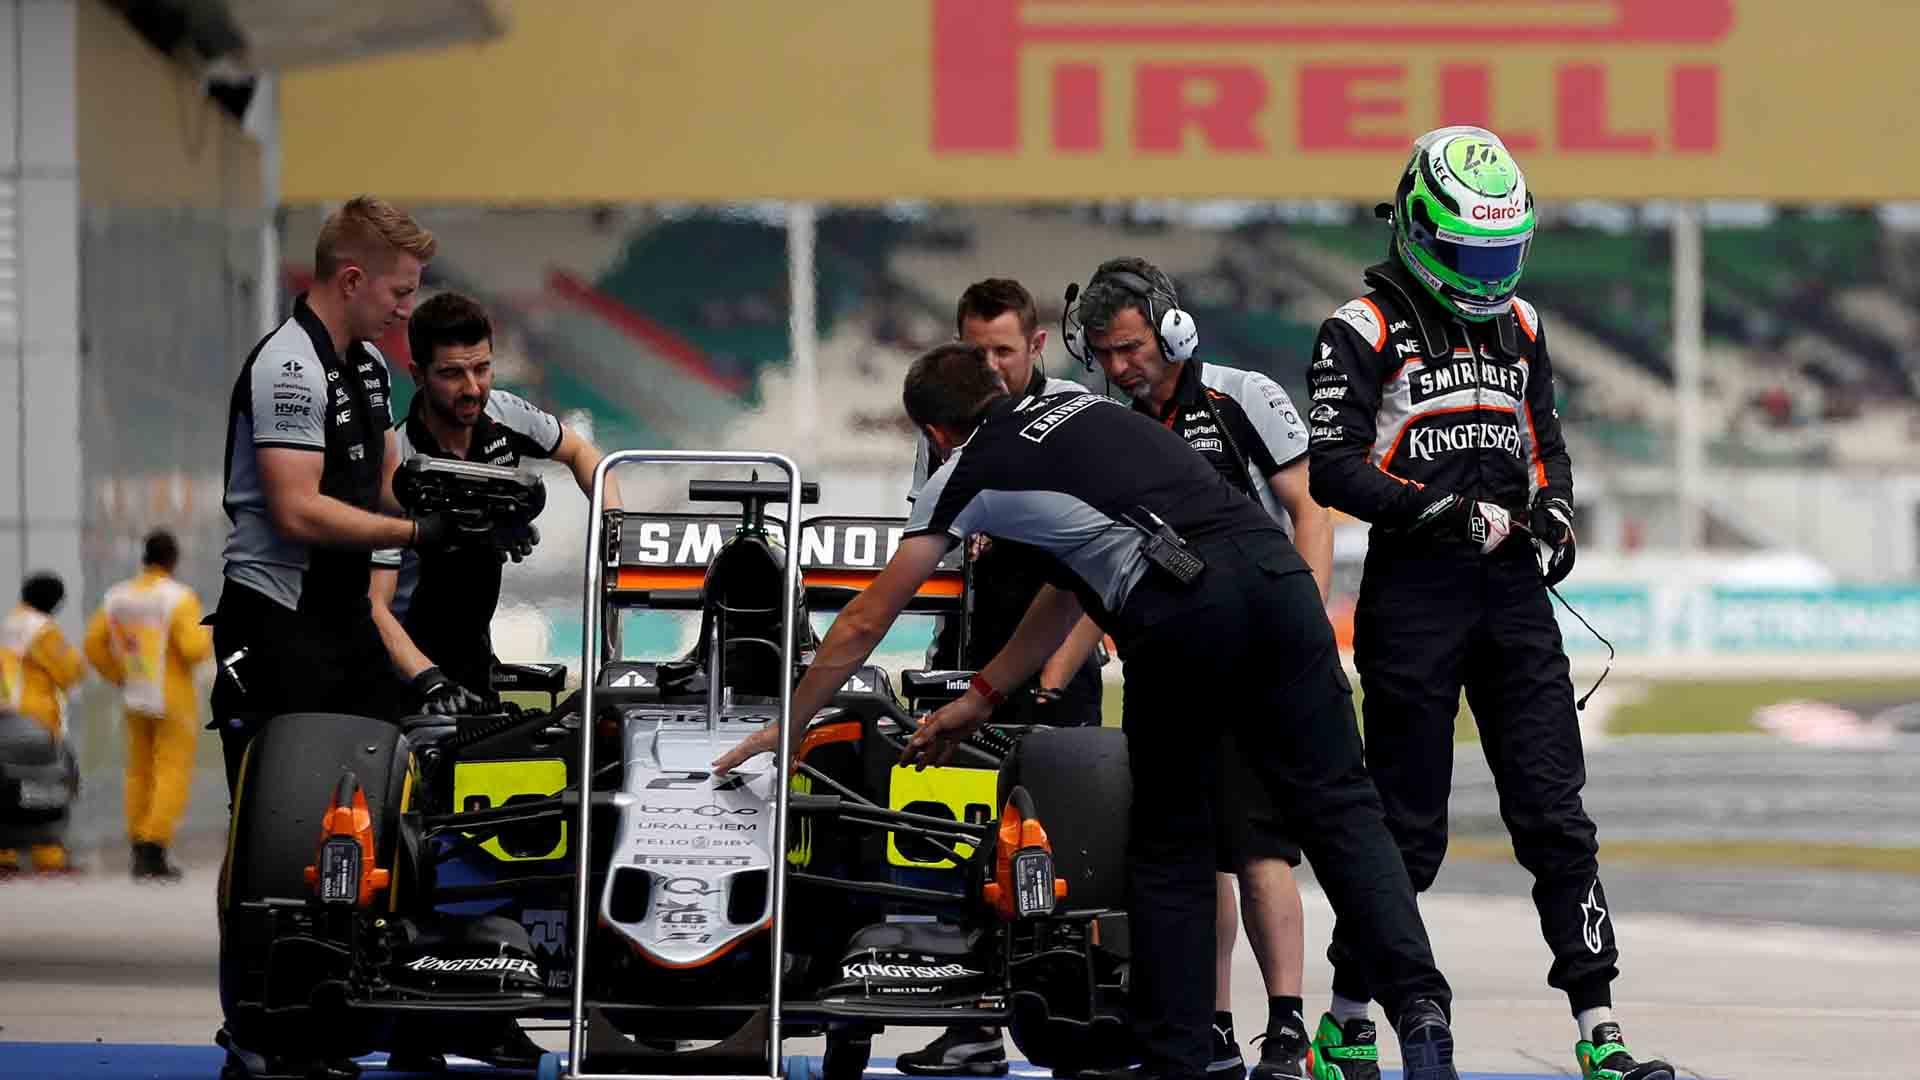 Tras los múltiples accidentes y la muerte de Senna, la FIA tiene como objetivo principal resguardar la vida de los pilotos